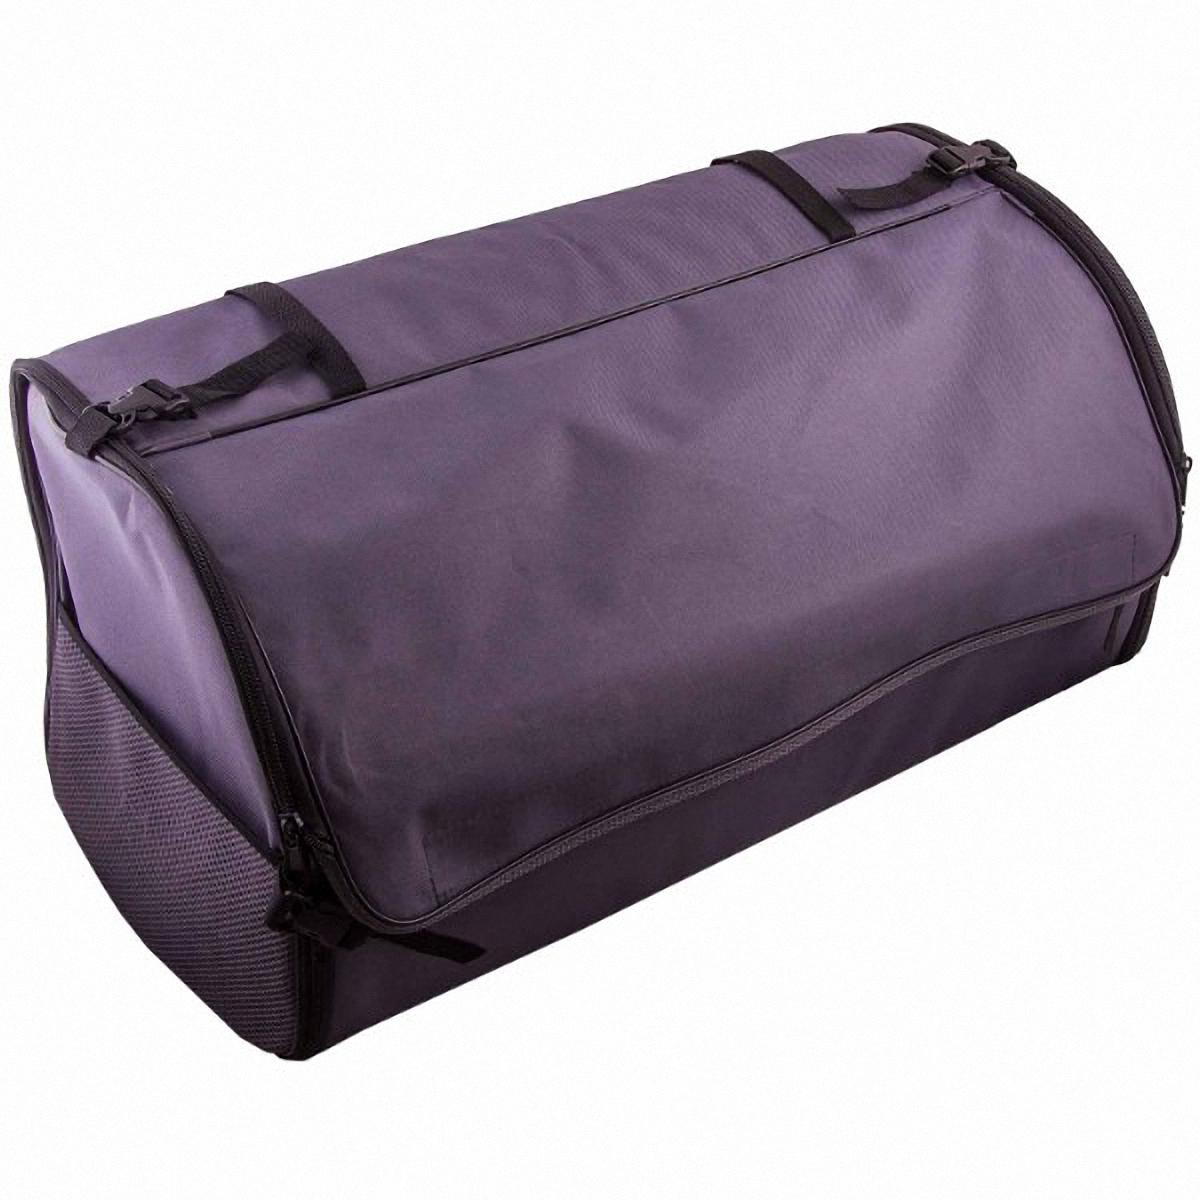 Органайзер автомобильный Skyway, в багажник, цвет: серый, 60 х 30 х 30 смS06401006Органайзер Skyway используется в багажнике для хранения различных вещей и мелких предметов, позволит вам компактно разместить все необходимые инструменты и аксессуары. Также может использоваться в качестве обычной сумки. Изготовлен из материала оксфорд. Материал очень прочный, устойчив к химическим веществам, долговечный и непромокаемый. Органайзер имеет боковые карманы-сетки, крышку на липучке и два больших кармана.